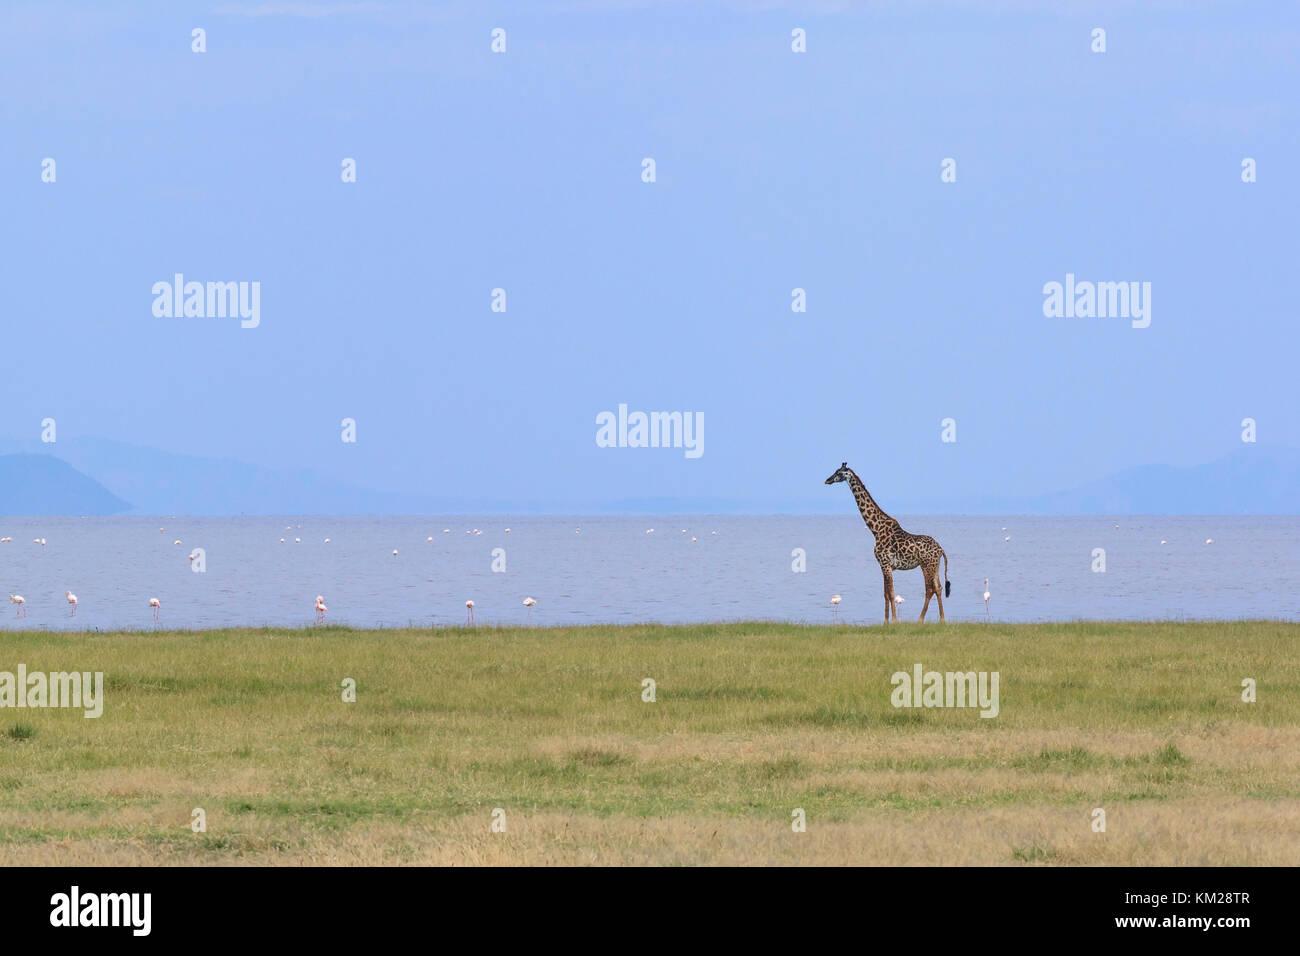 La giraffa e fenicotteri sul litorale del Lago Manyara in Tanzania, Africa Immagini Stock